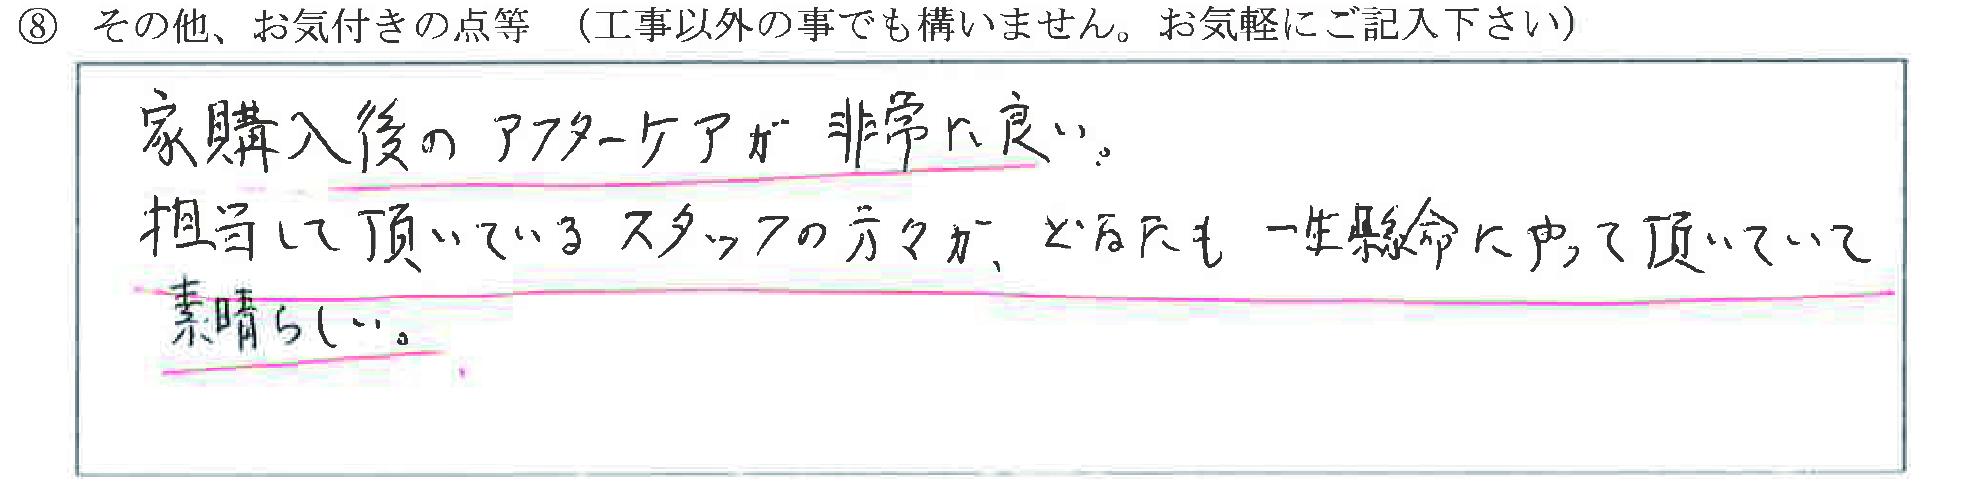 富山県南砺市 M様に頂いたフェンス修繕工事についてのお気づきの点がありましたら、お聞かせ下さい。というご質問について「雪害 フェンス修繕 工事【  お喜びの声  】」というお声についての画像